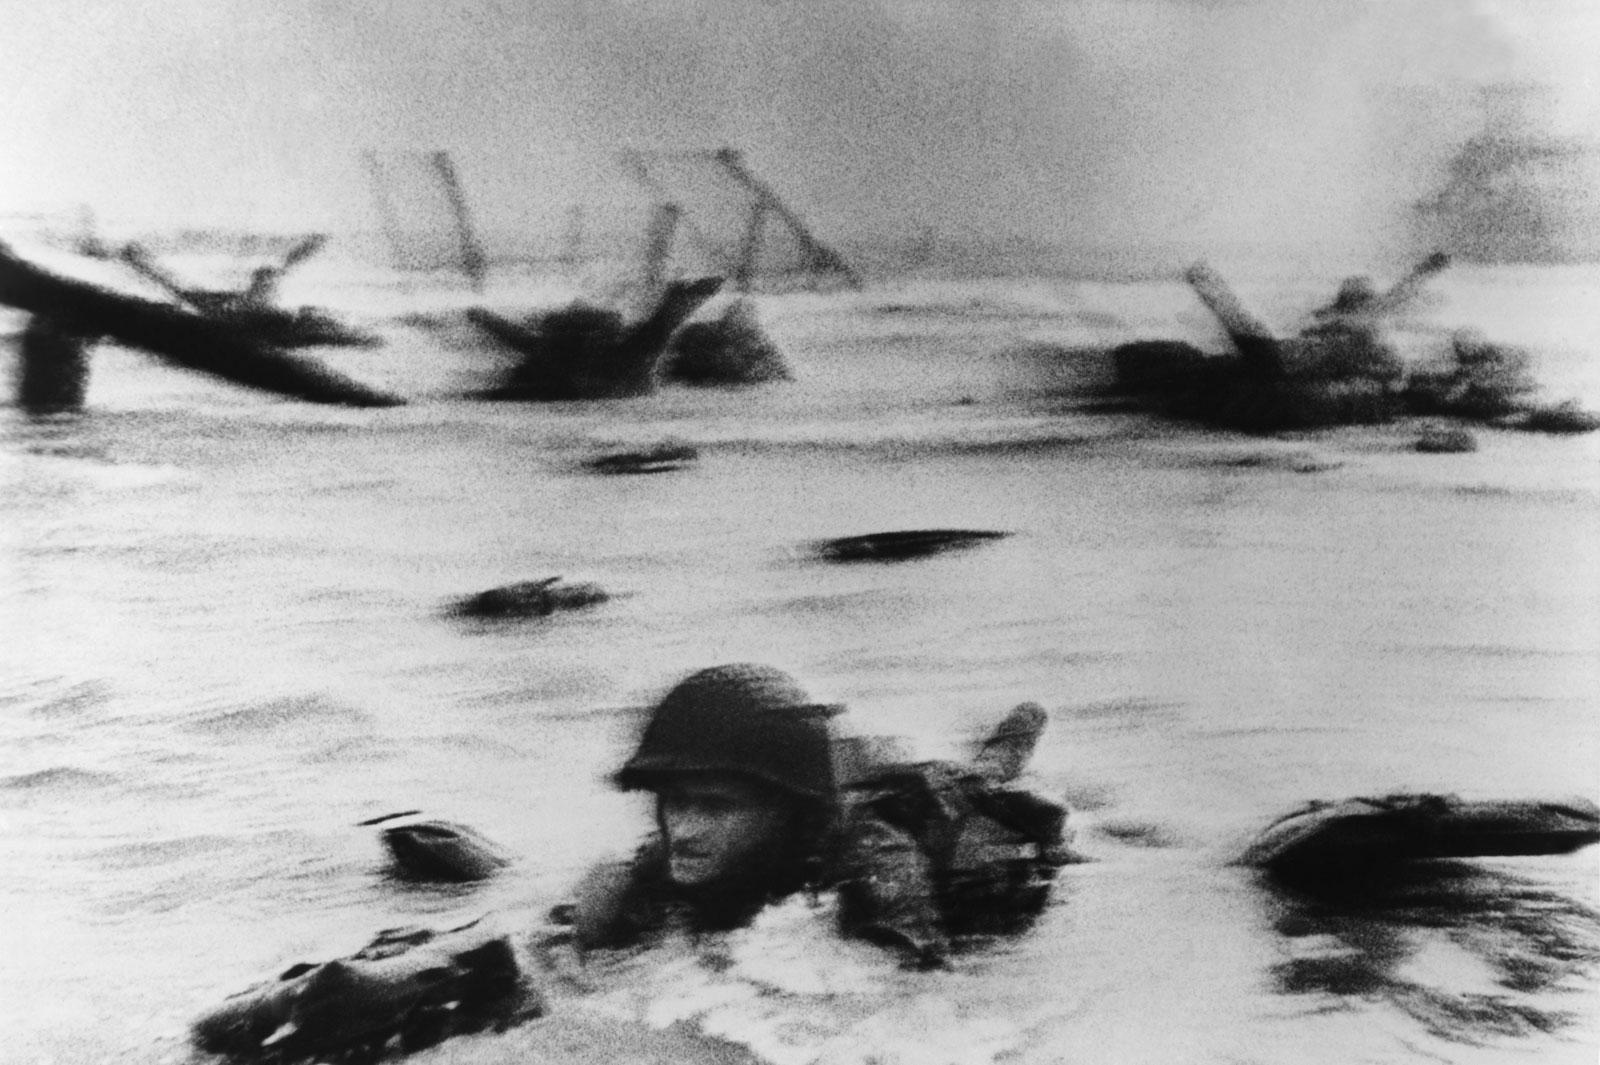 Soldado de primera clase Huston S. Riley. Desembarco de Normandia. 1944